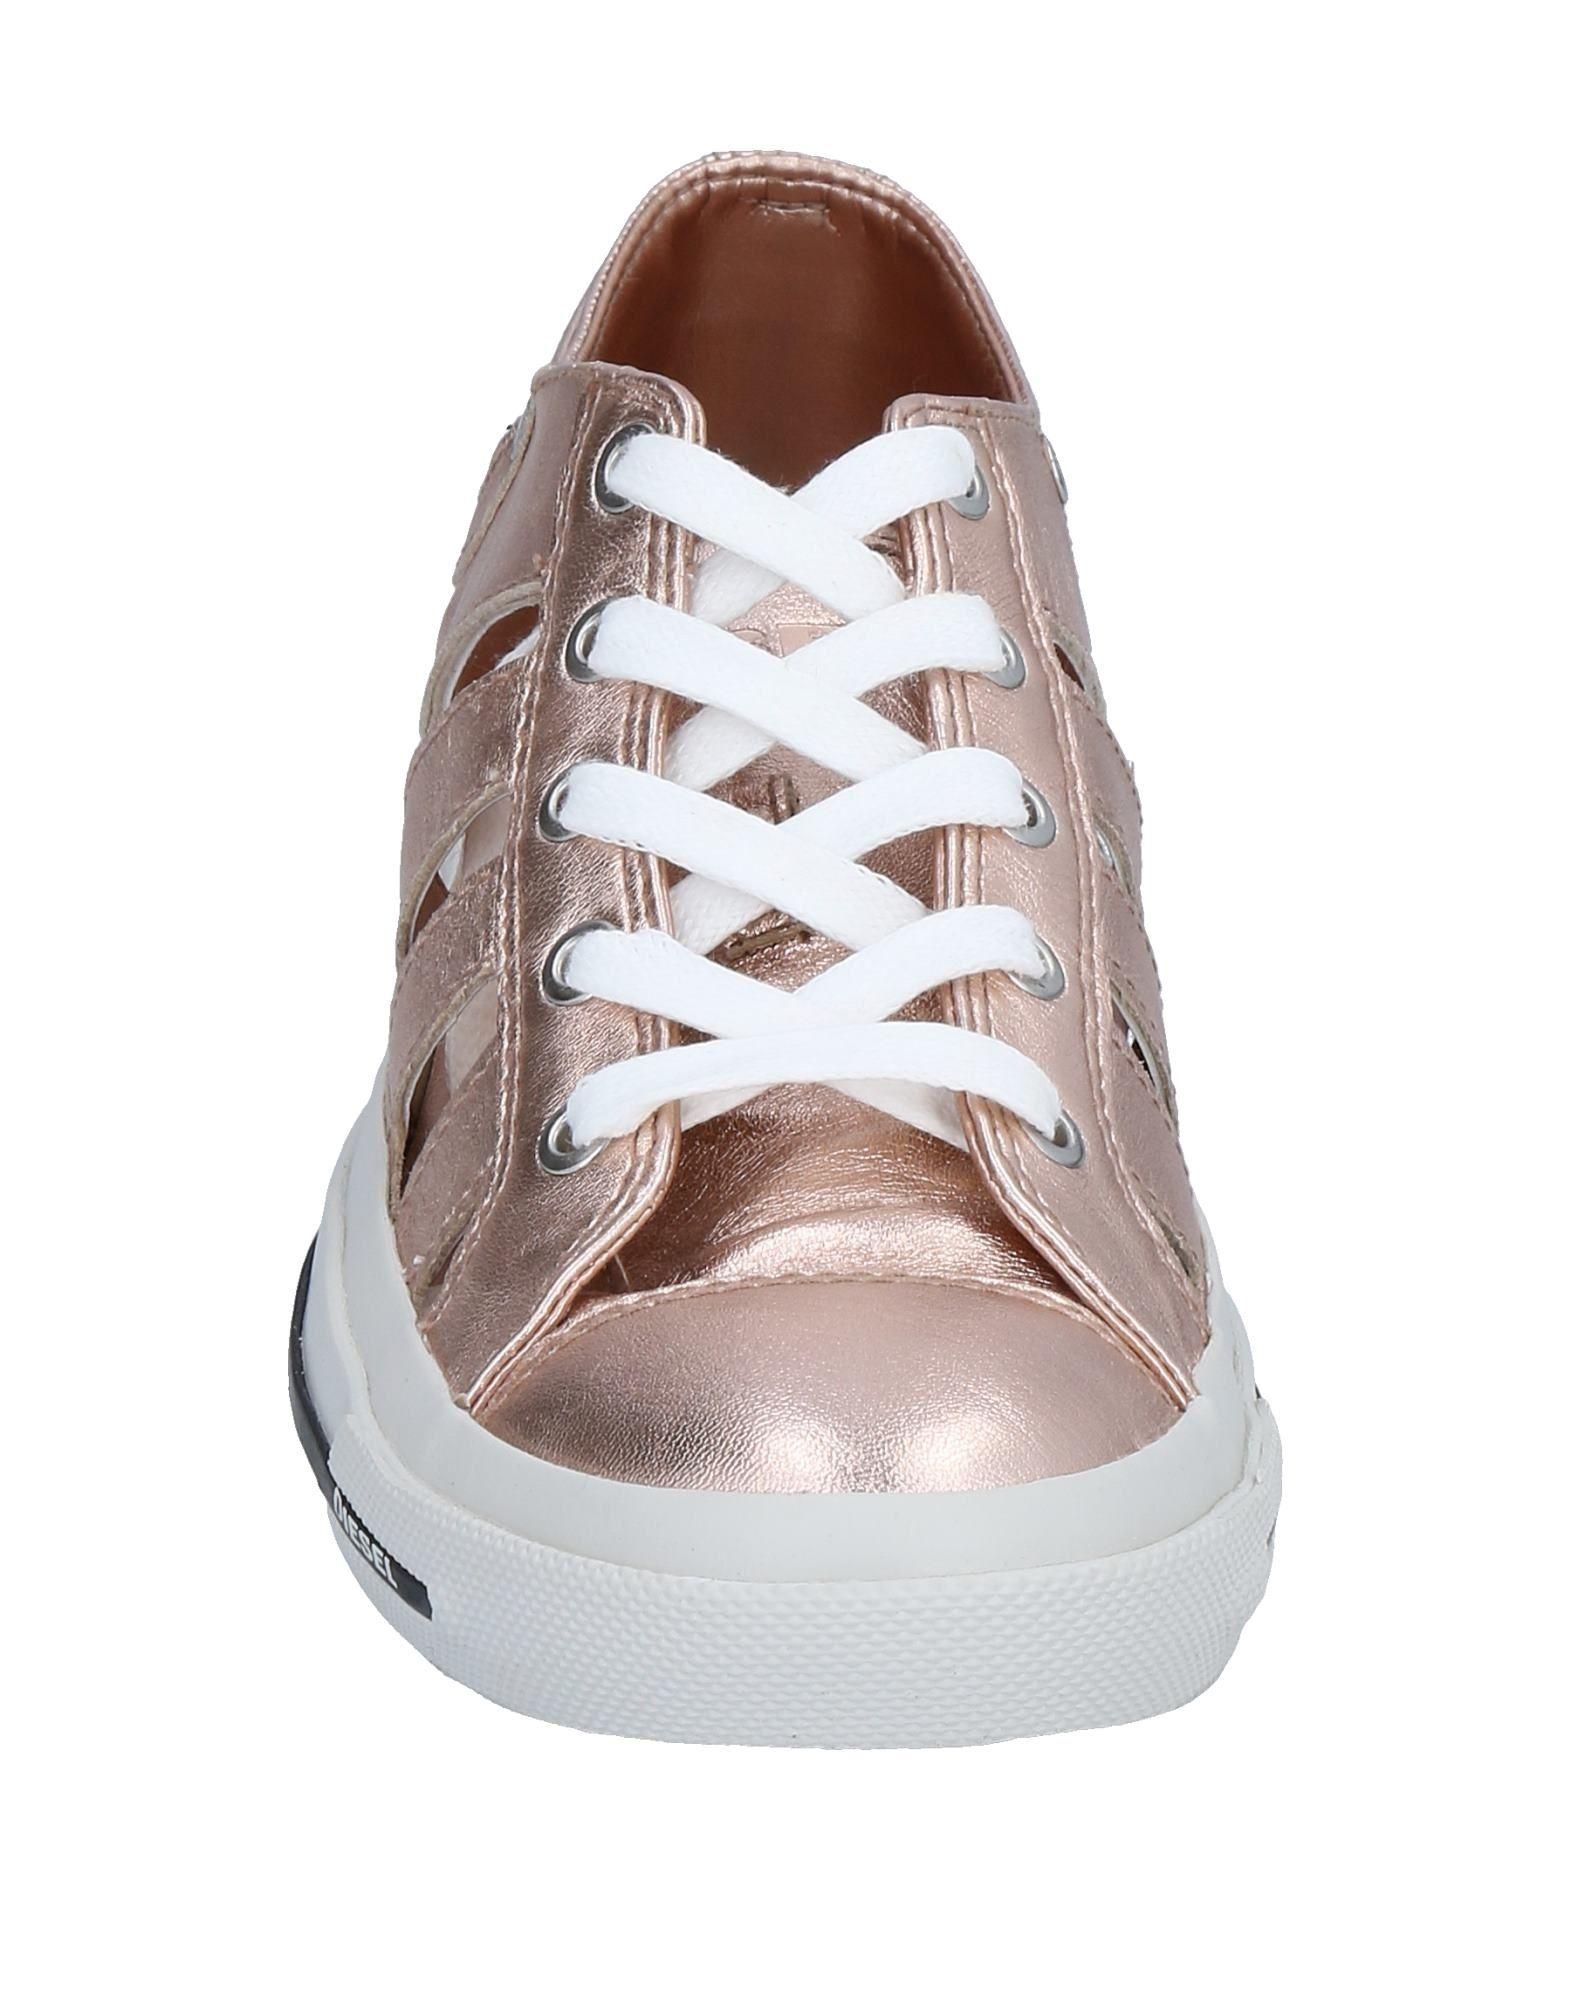 Diesel Sneakers Damen beliebte  11535410TN Gute Qualität beliebte Damen Schuhe d8c4d7